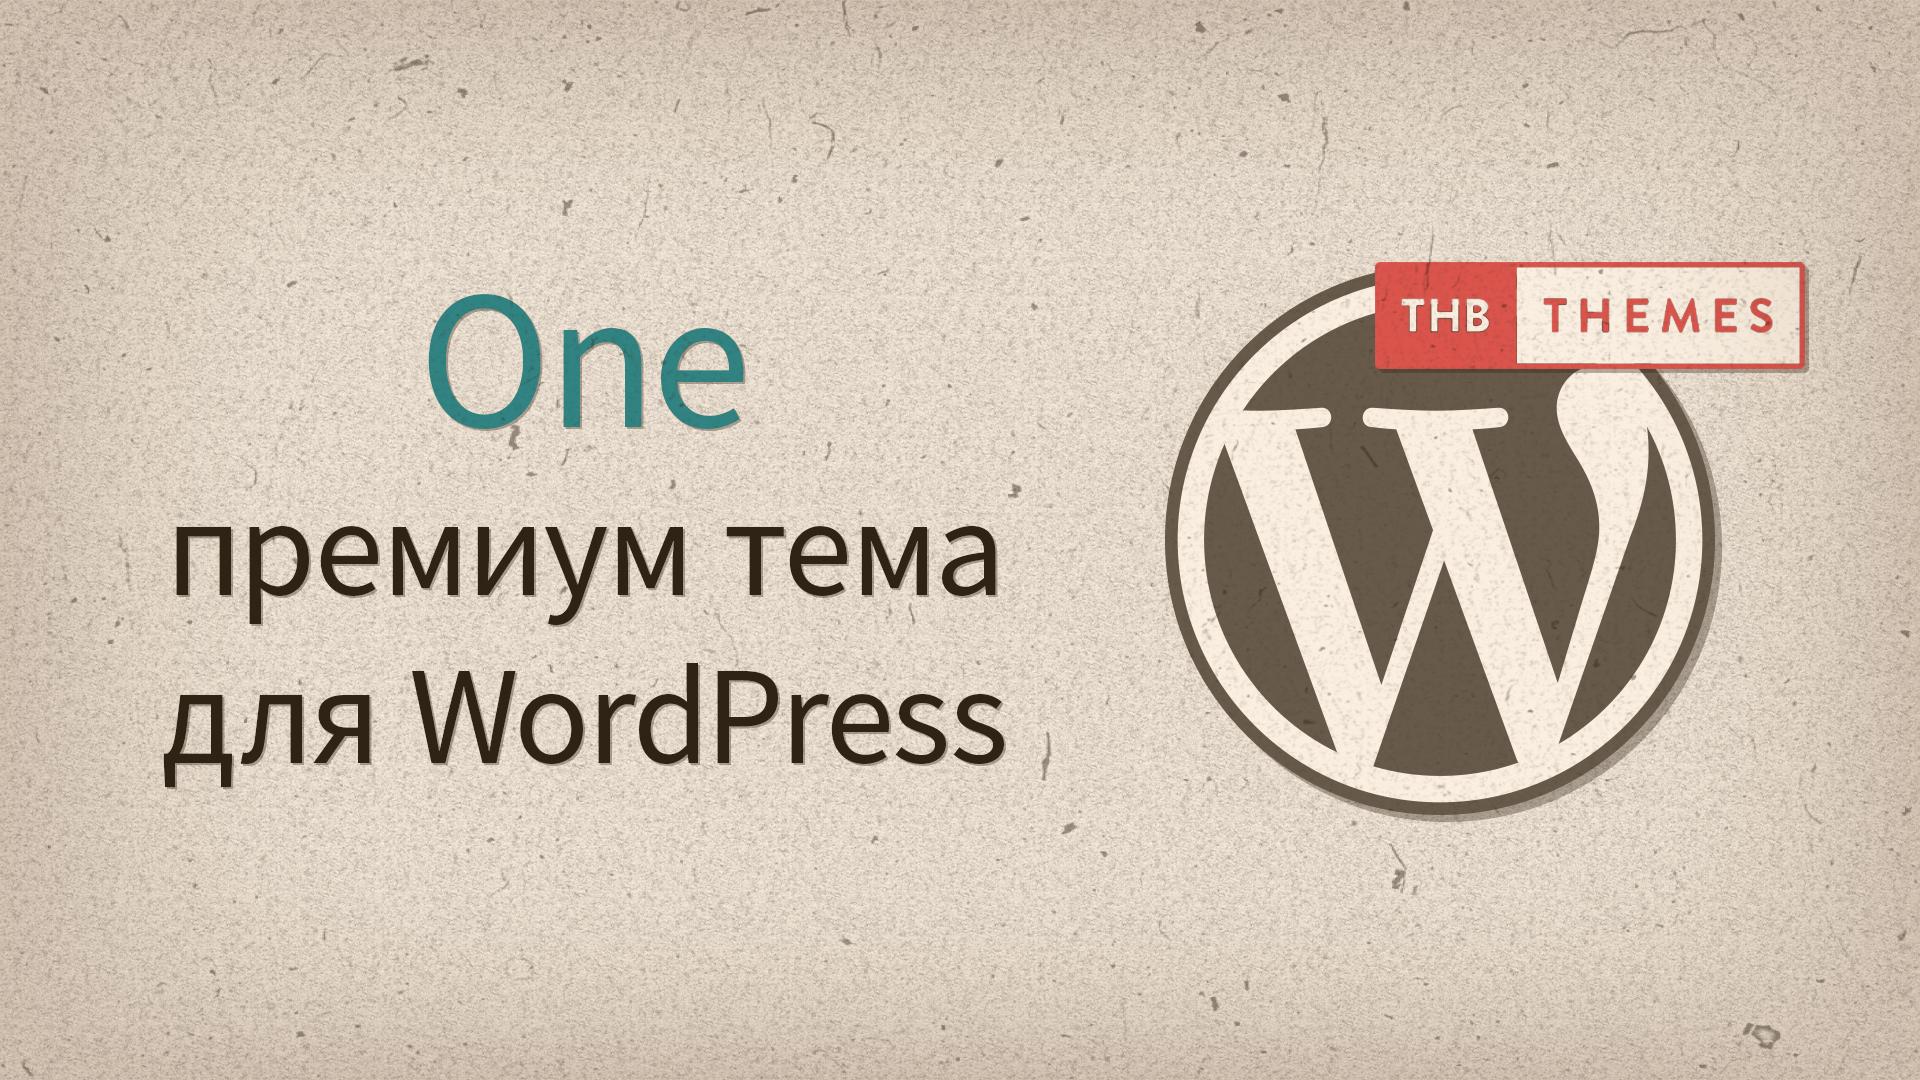 One — премиум тема для WordPress от THBThemes